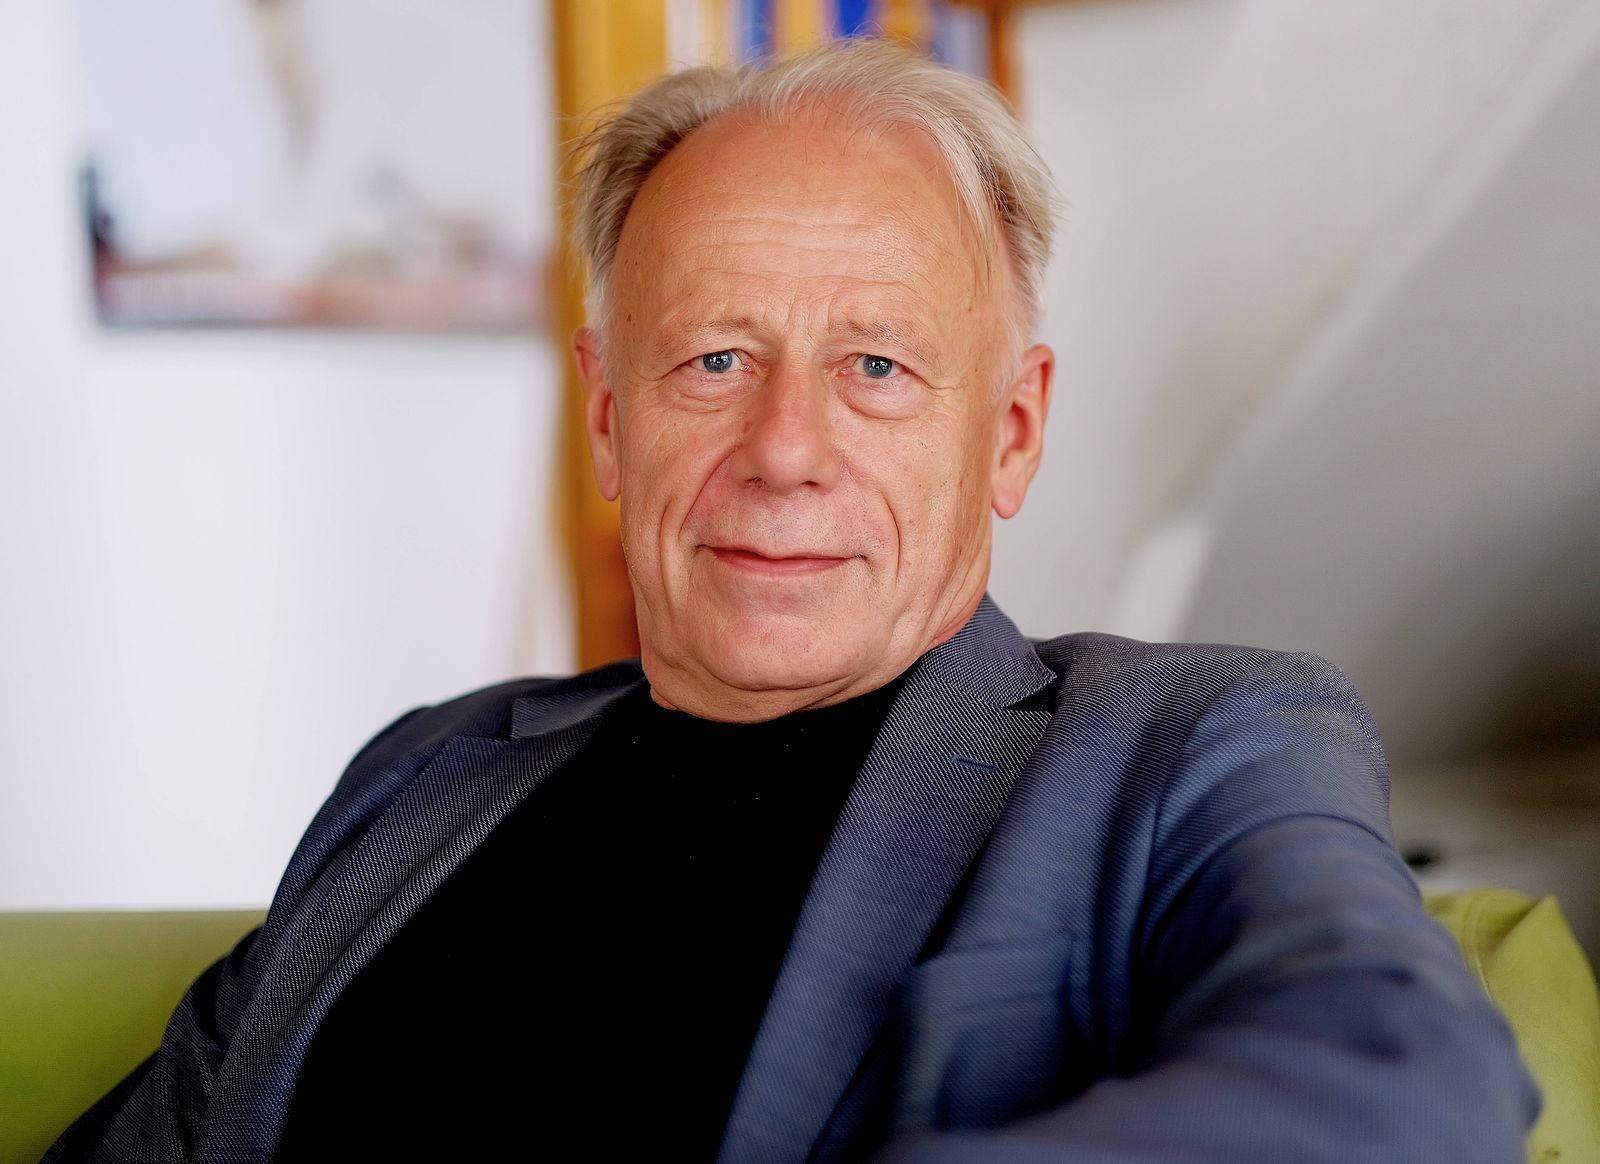 Göttingen Südniedersachsen Jürgen Trittin (* 25. Juli 1954 in Bremen-Vegesack) ist ein deutscher Politiker (Bündnis 90/